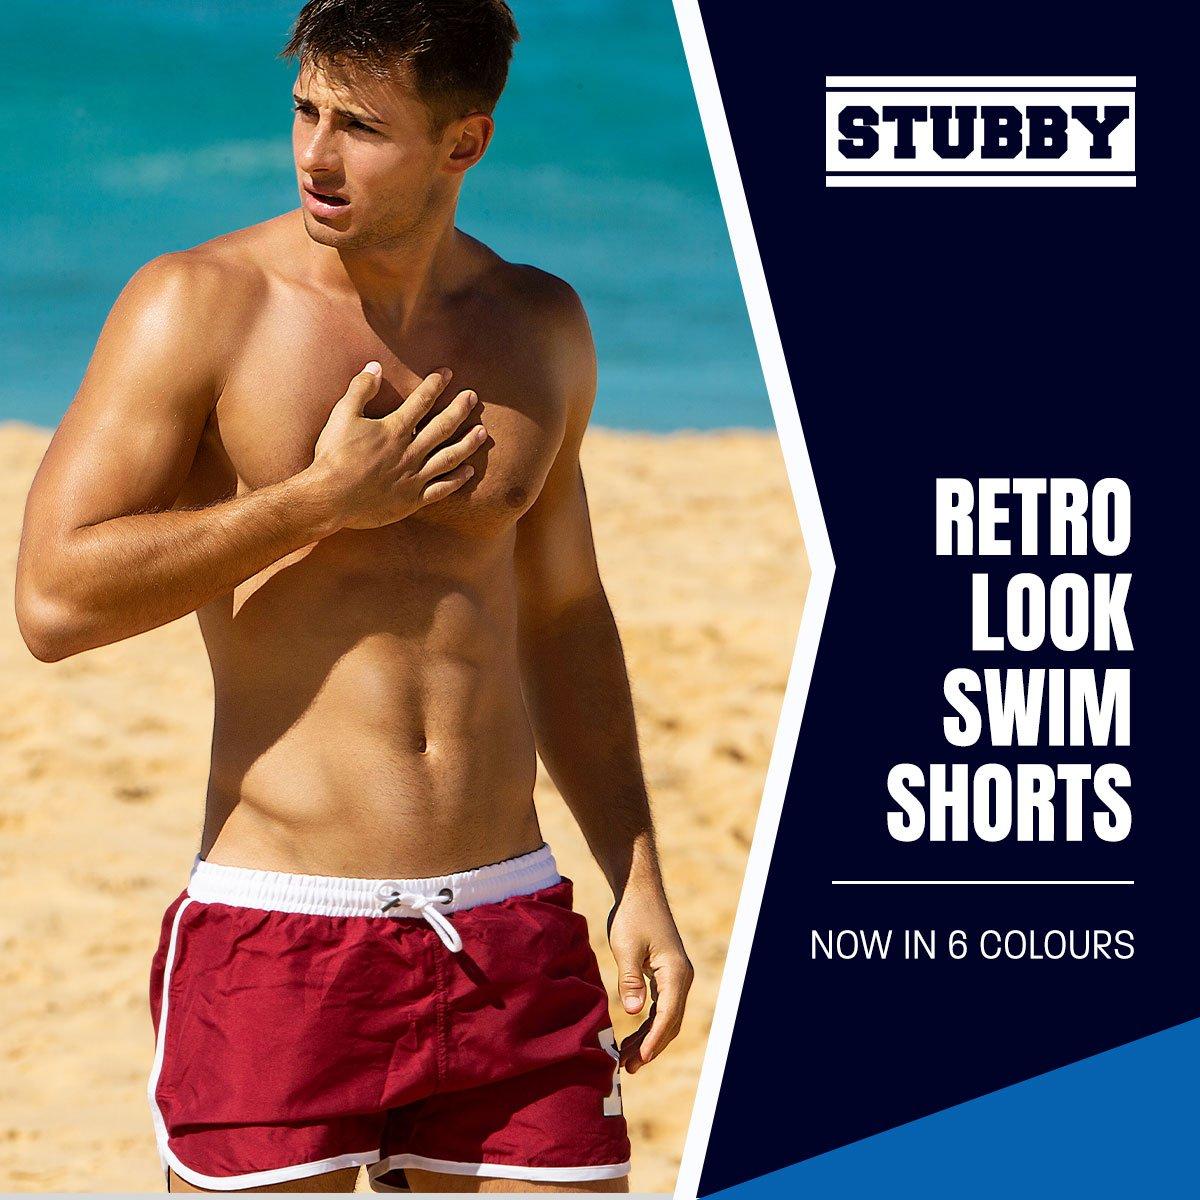 Stubby Maroon Homepage Image